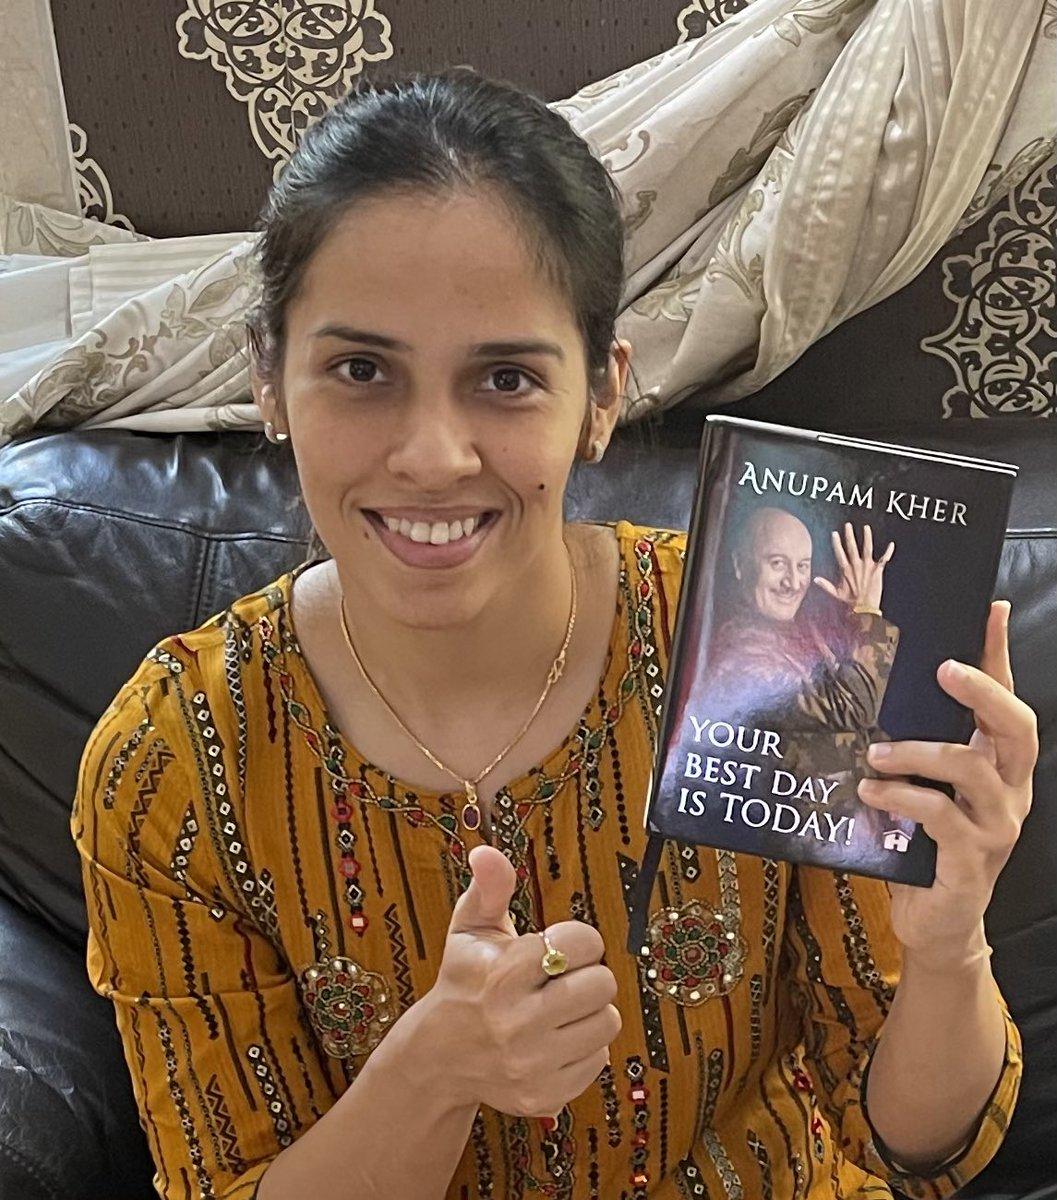 श्रीमान @AnupamPKher जी द्वारा लिखी गई किताब।। ✍️✍️ #YourBestDayIsToday